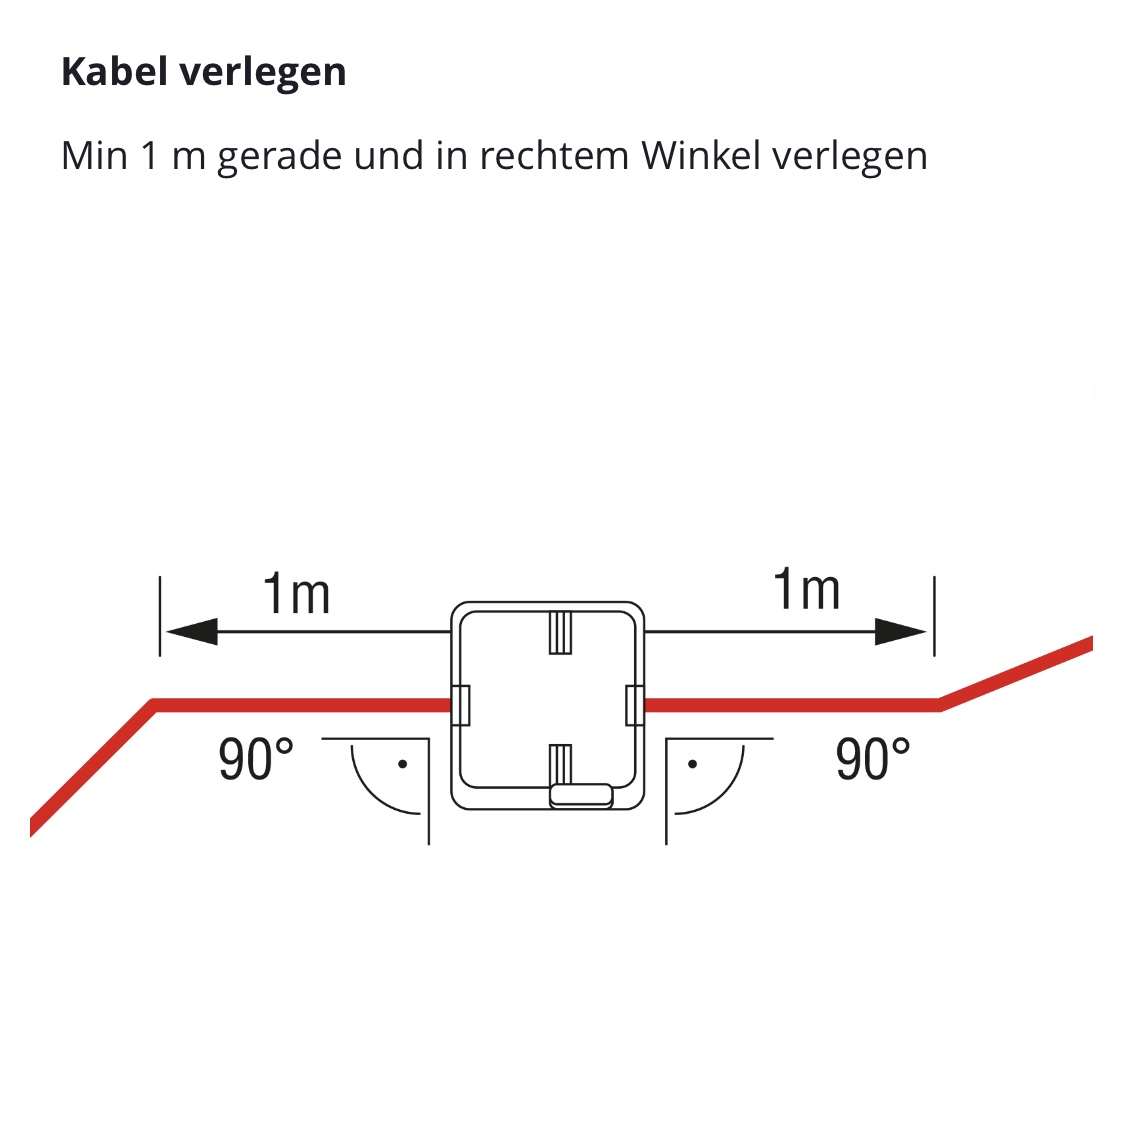 AL-KO-Robolinho-Einfahrt-und-Ausfahrt-korrekt-verlegen